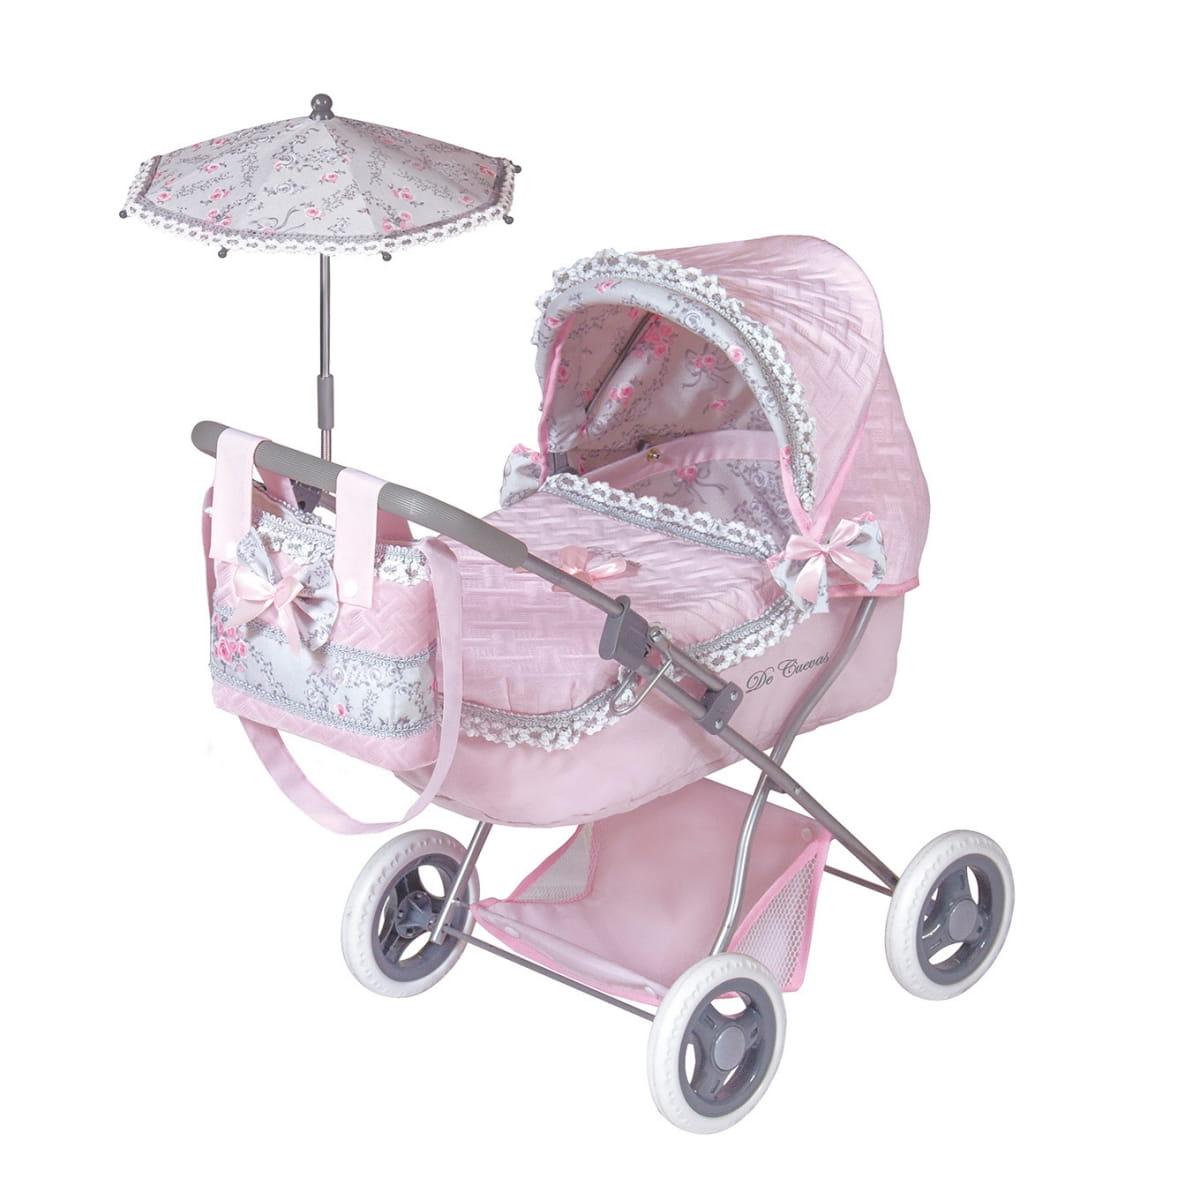 Коляска для кукол Decuevas 85019 Романтик розовая - 65 см (с сумкой и зонтиком)